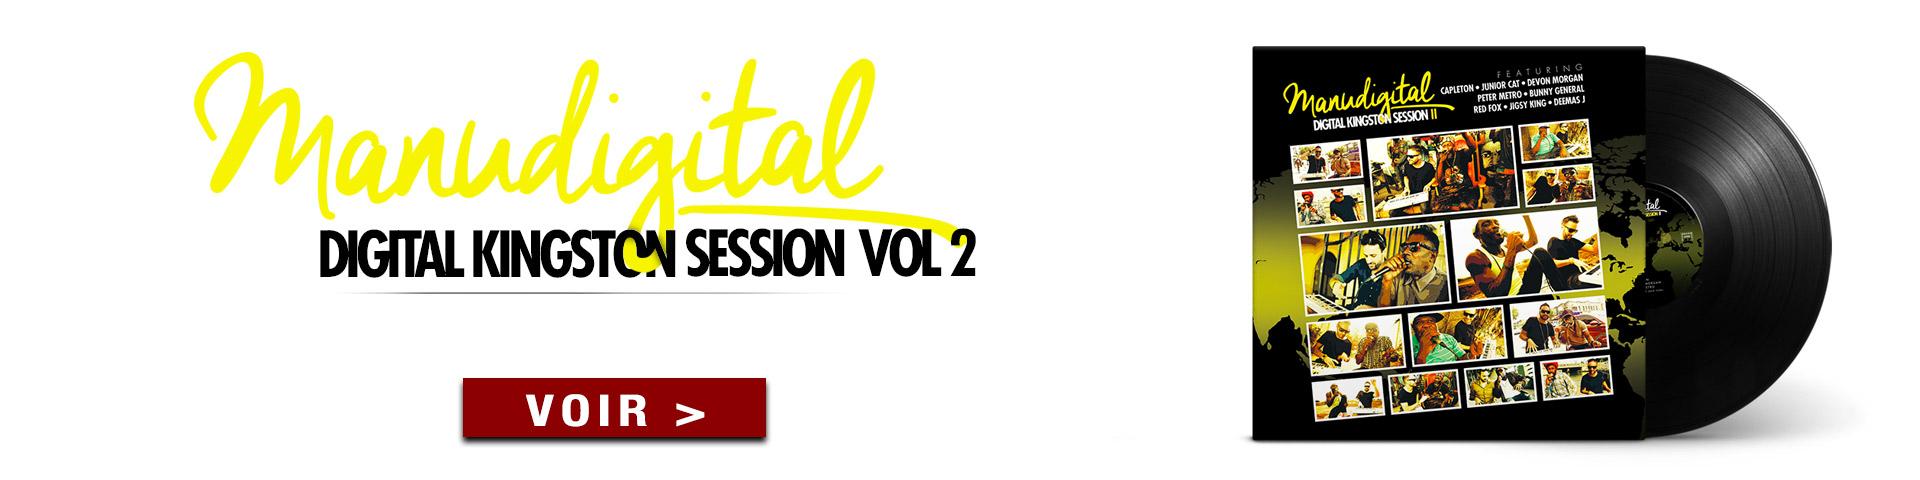 manudigital-digital-kingston-session-volume-2-vinyle